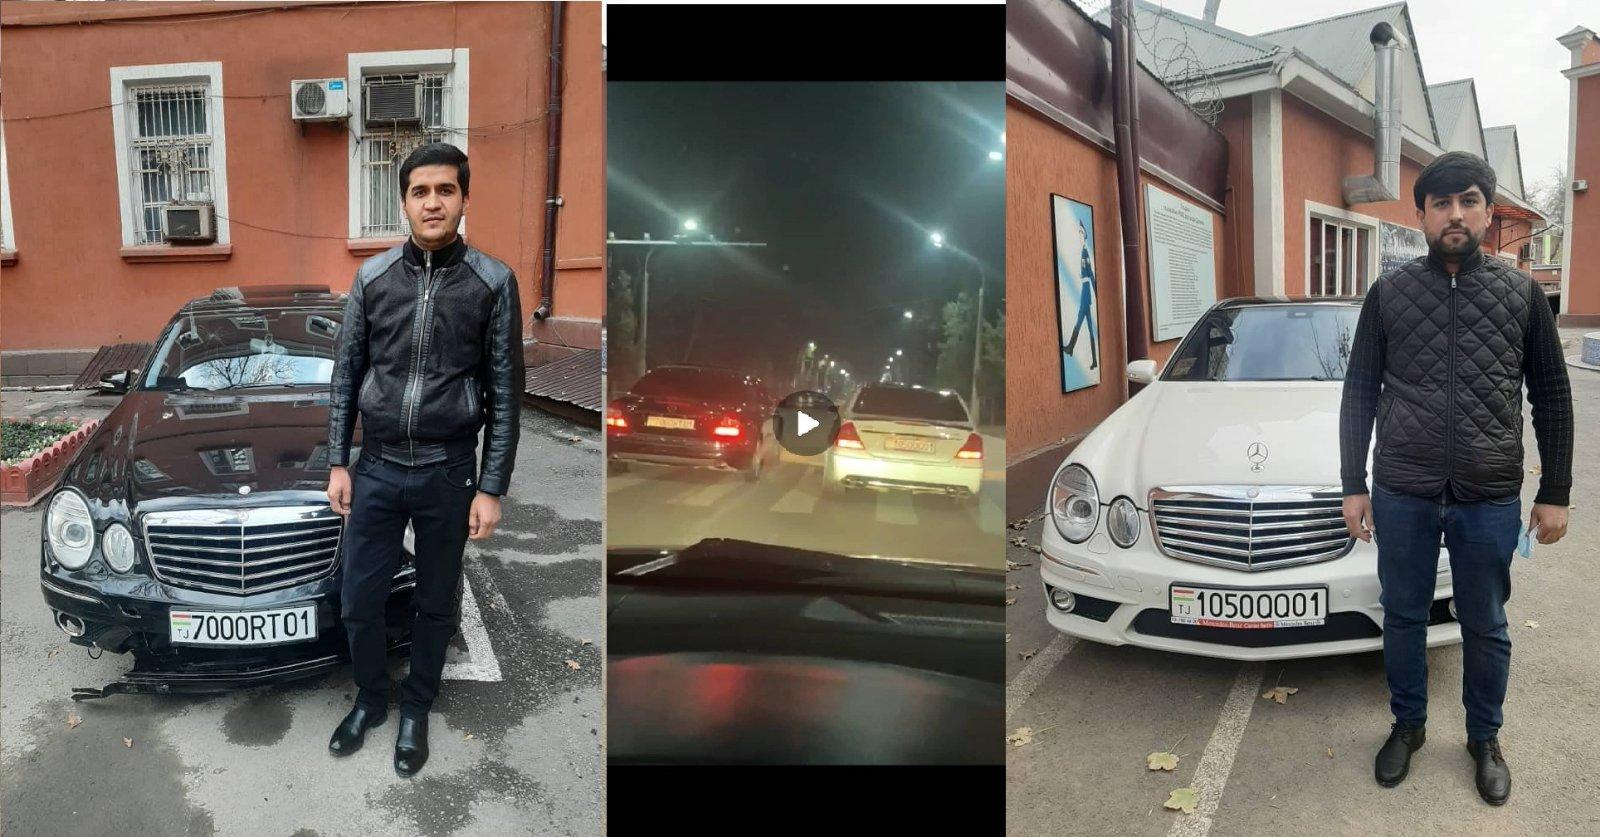 Столичные предприниматели устроили гонки в Душанбе. Они задержаны